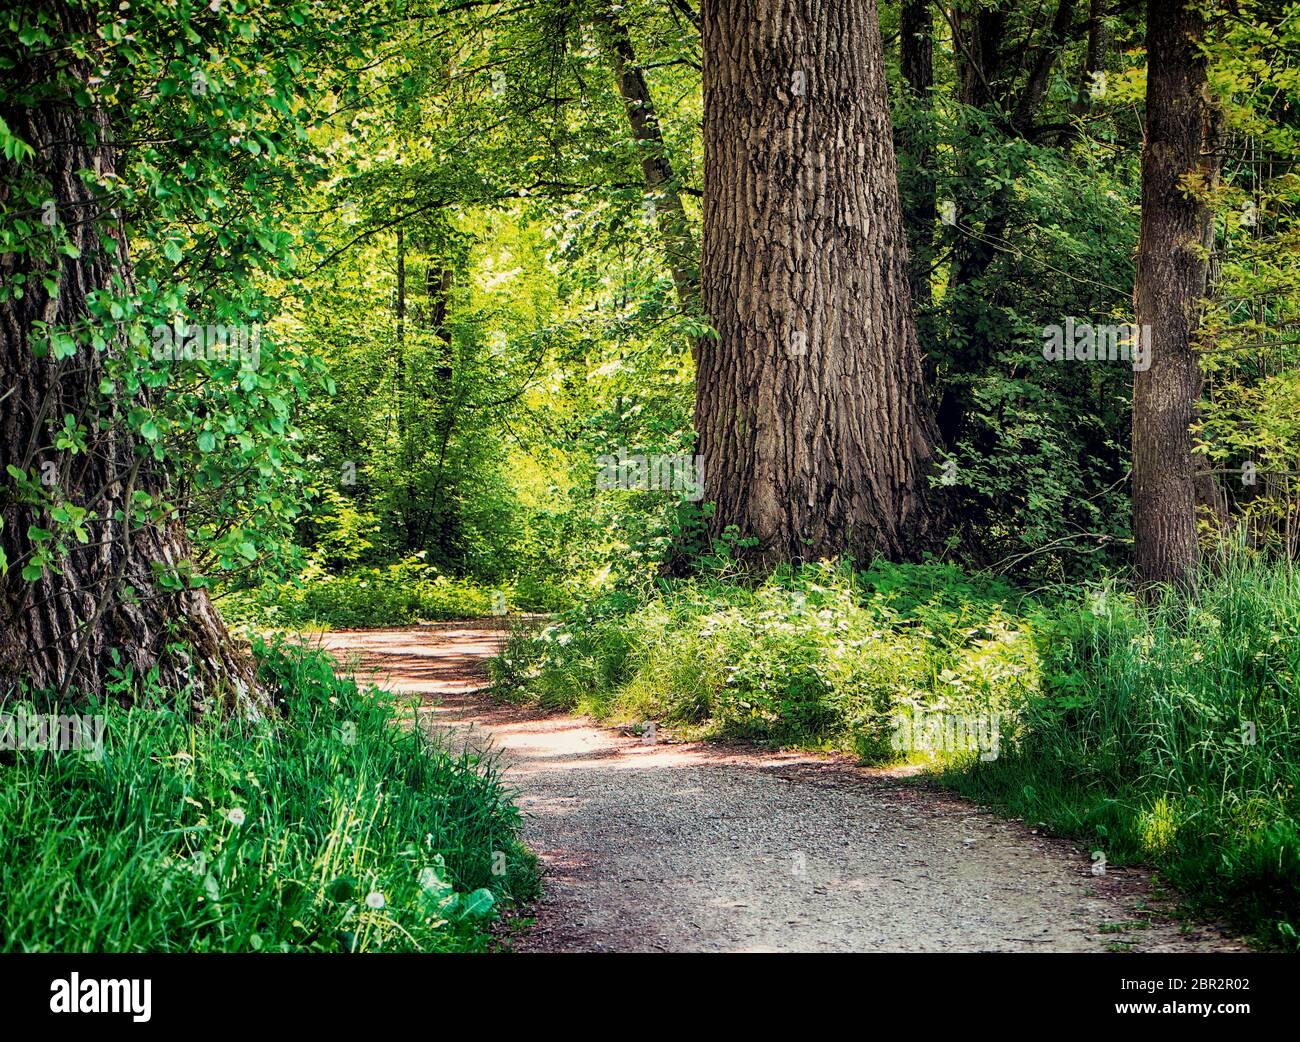 Bavière, Allemagne - sentier au milieu des bois au parc national d'Isaraüen, le point vert des arbres denses le long de la rivière Isar près de Munich, l'endroit idéal pour marcher un Banque D'Images